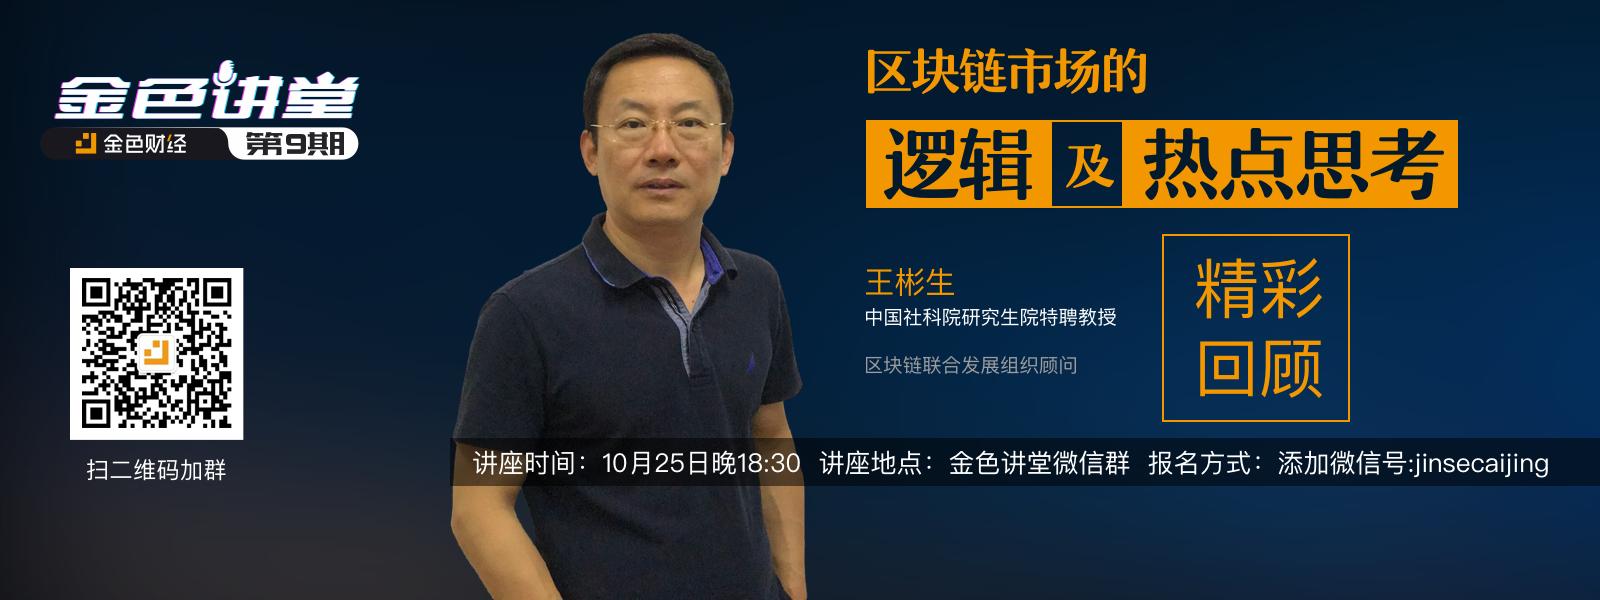 中国社科院研究生院特聘教授王彬生:区块链市场的逻辑及热点思考